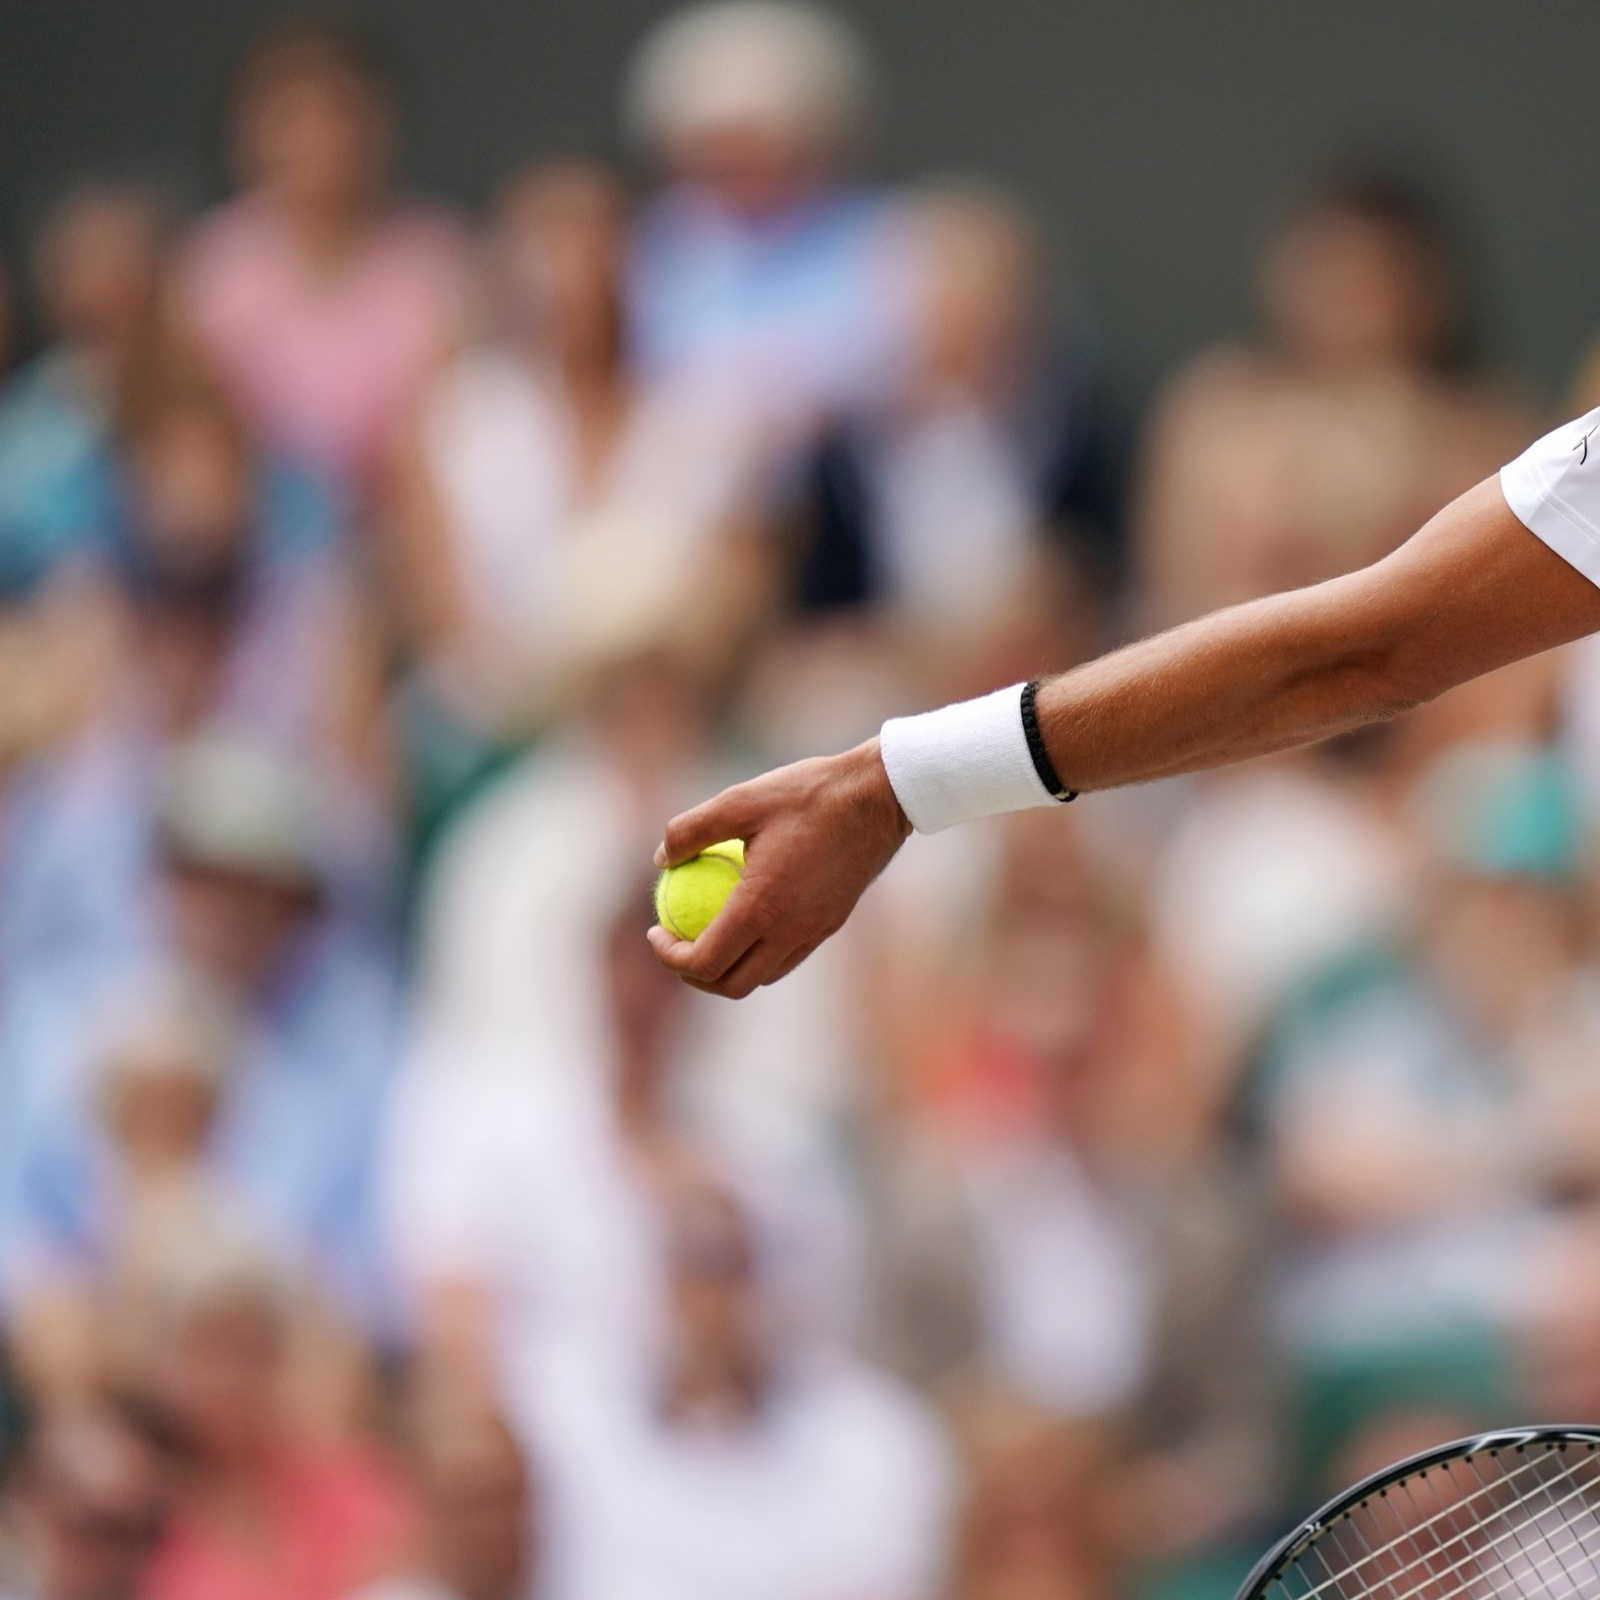 Wimbledon_New_York_Times46.jpg